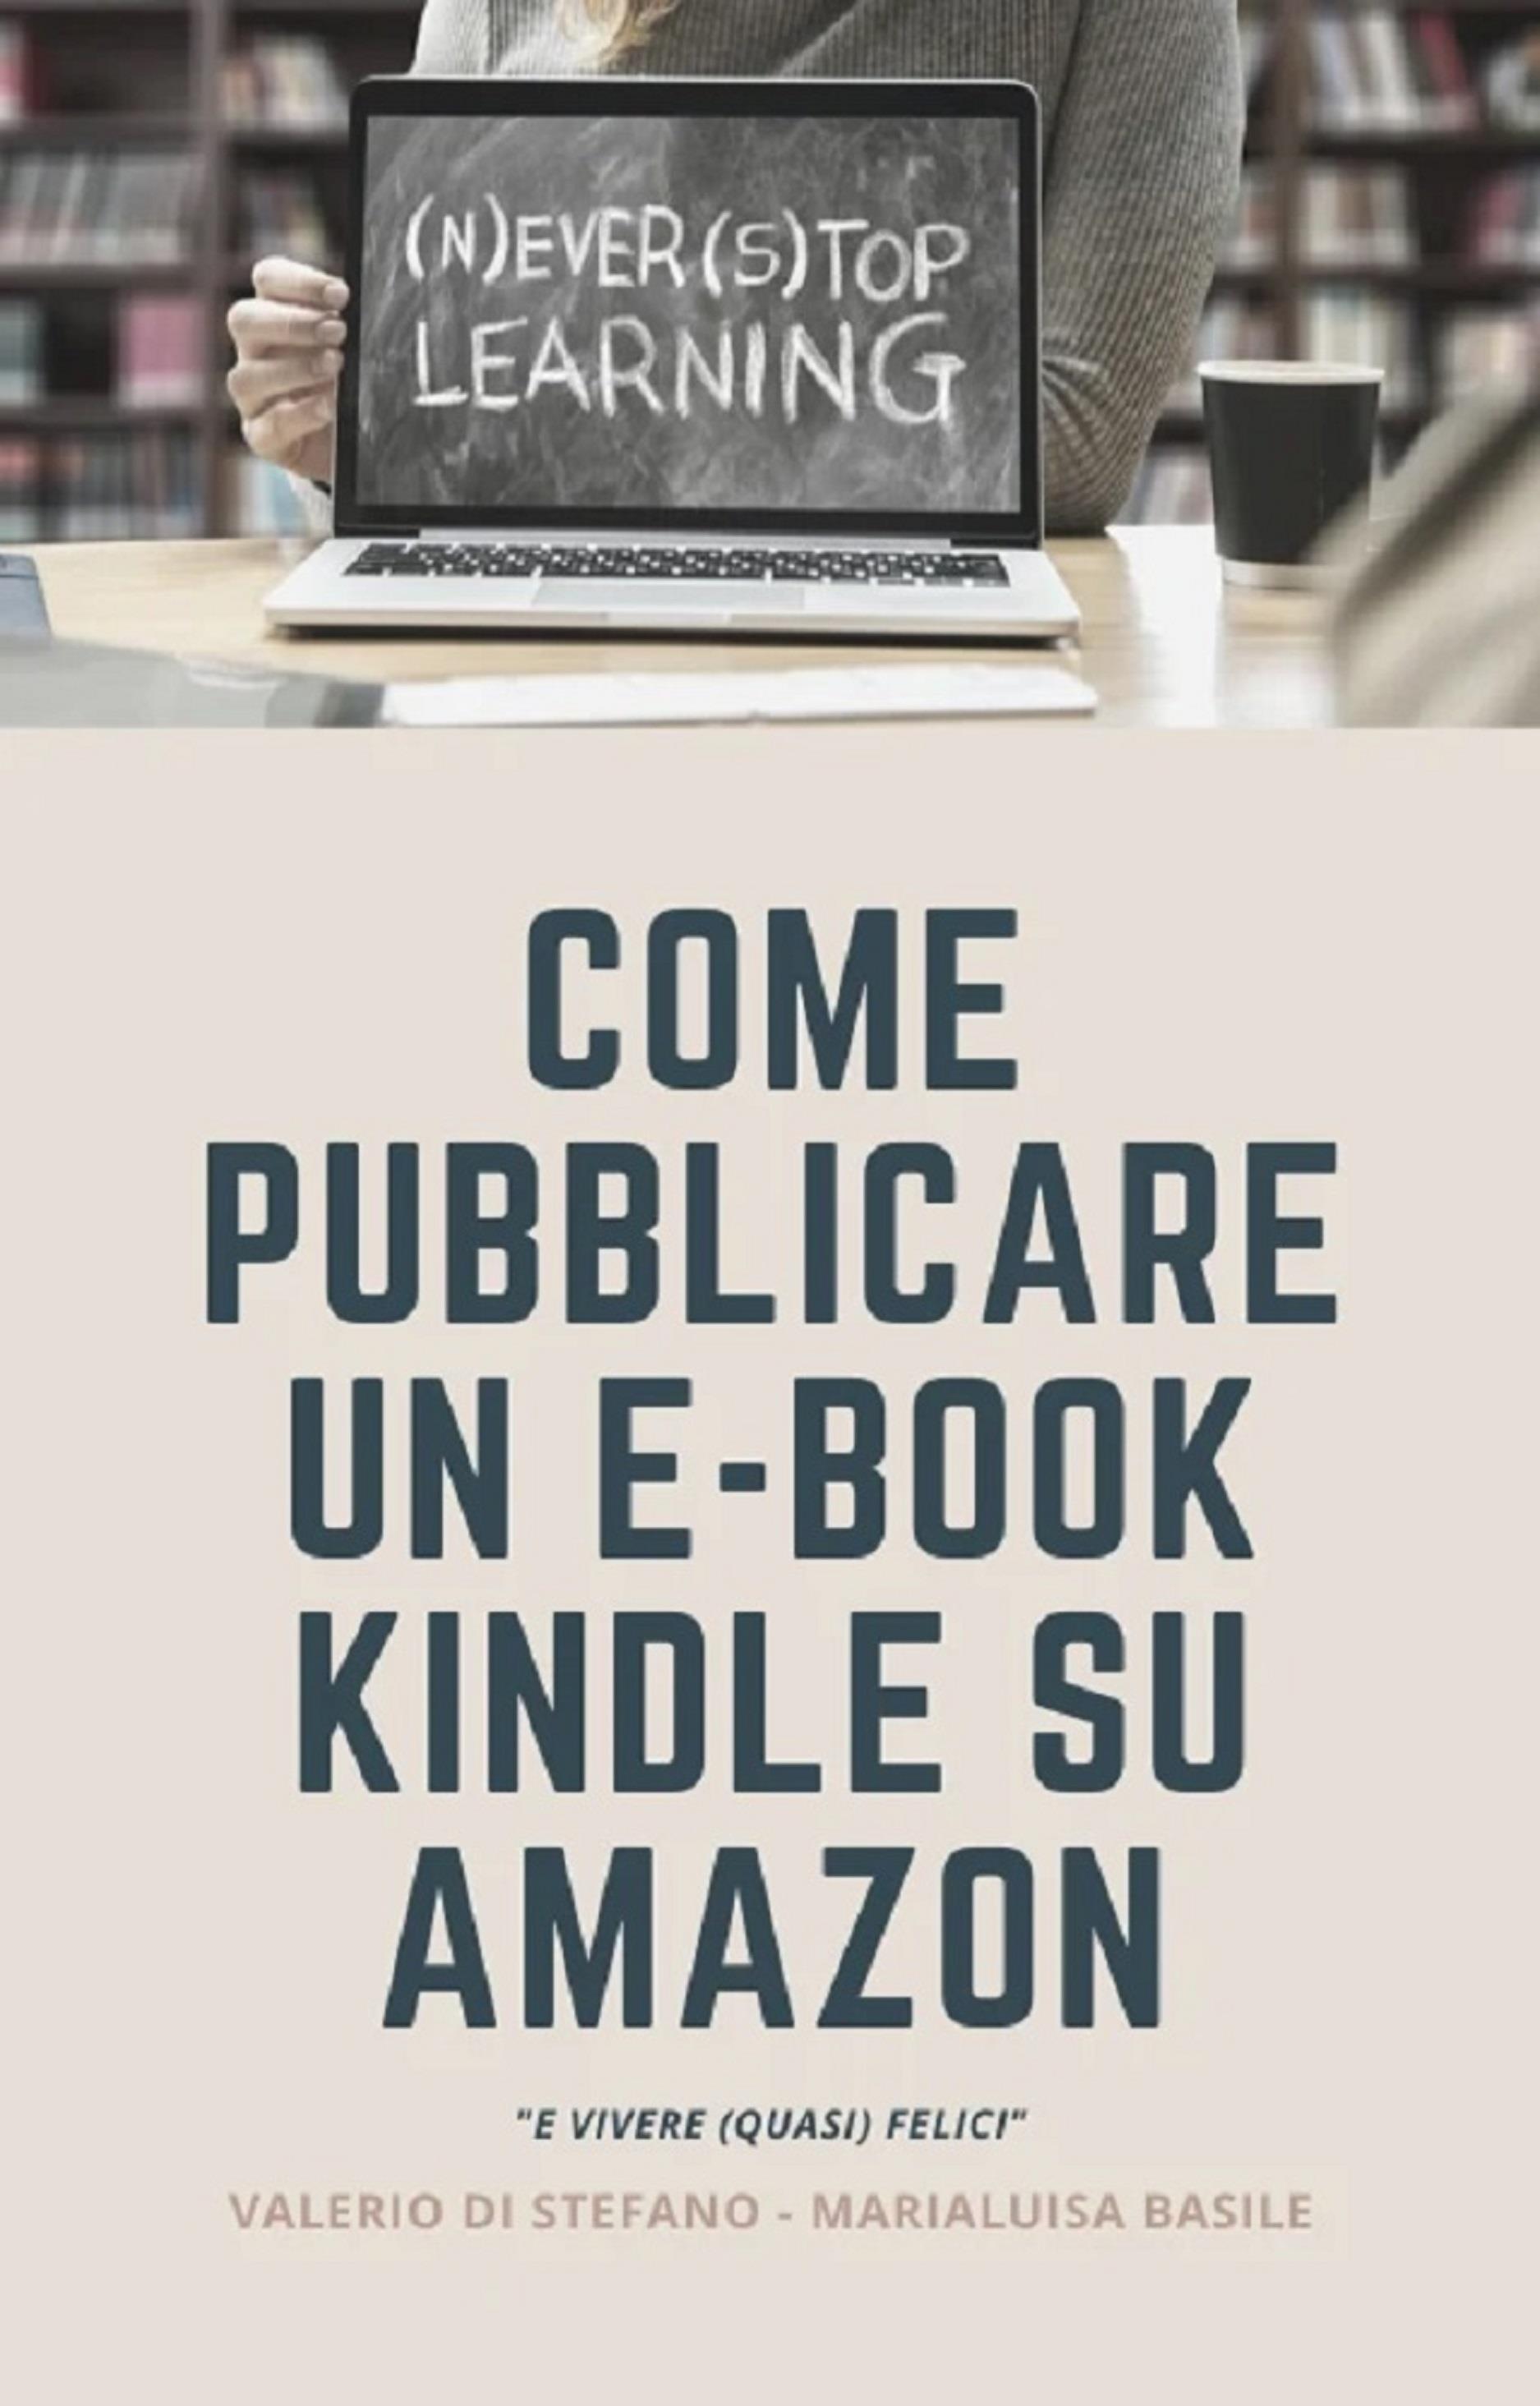 Come pubblicare un e-book Kindle su Amazon e vivere (quasi felici)